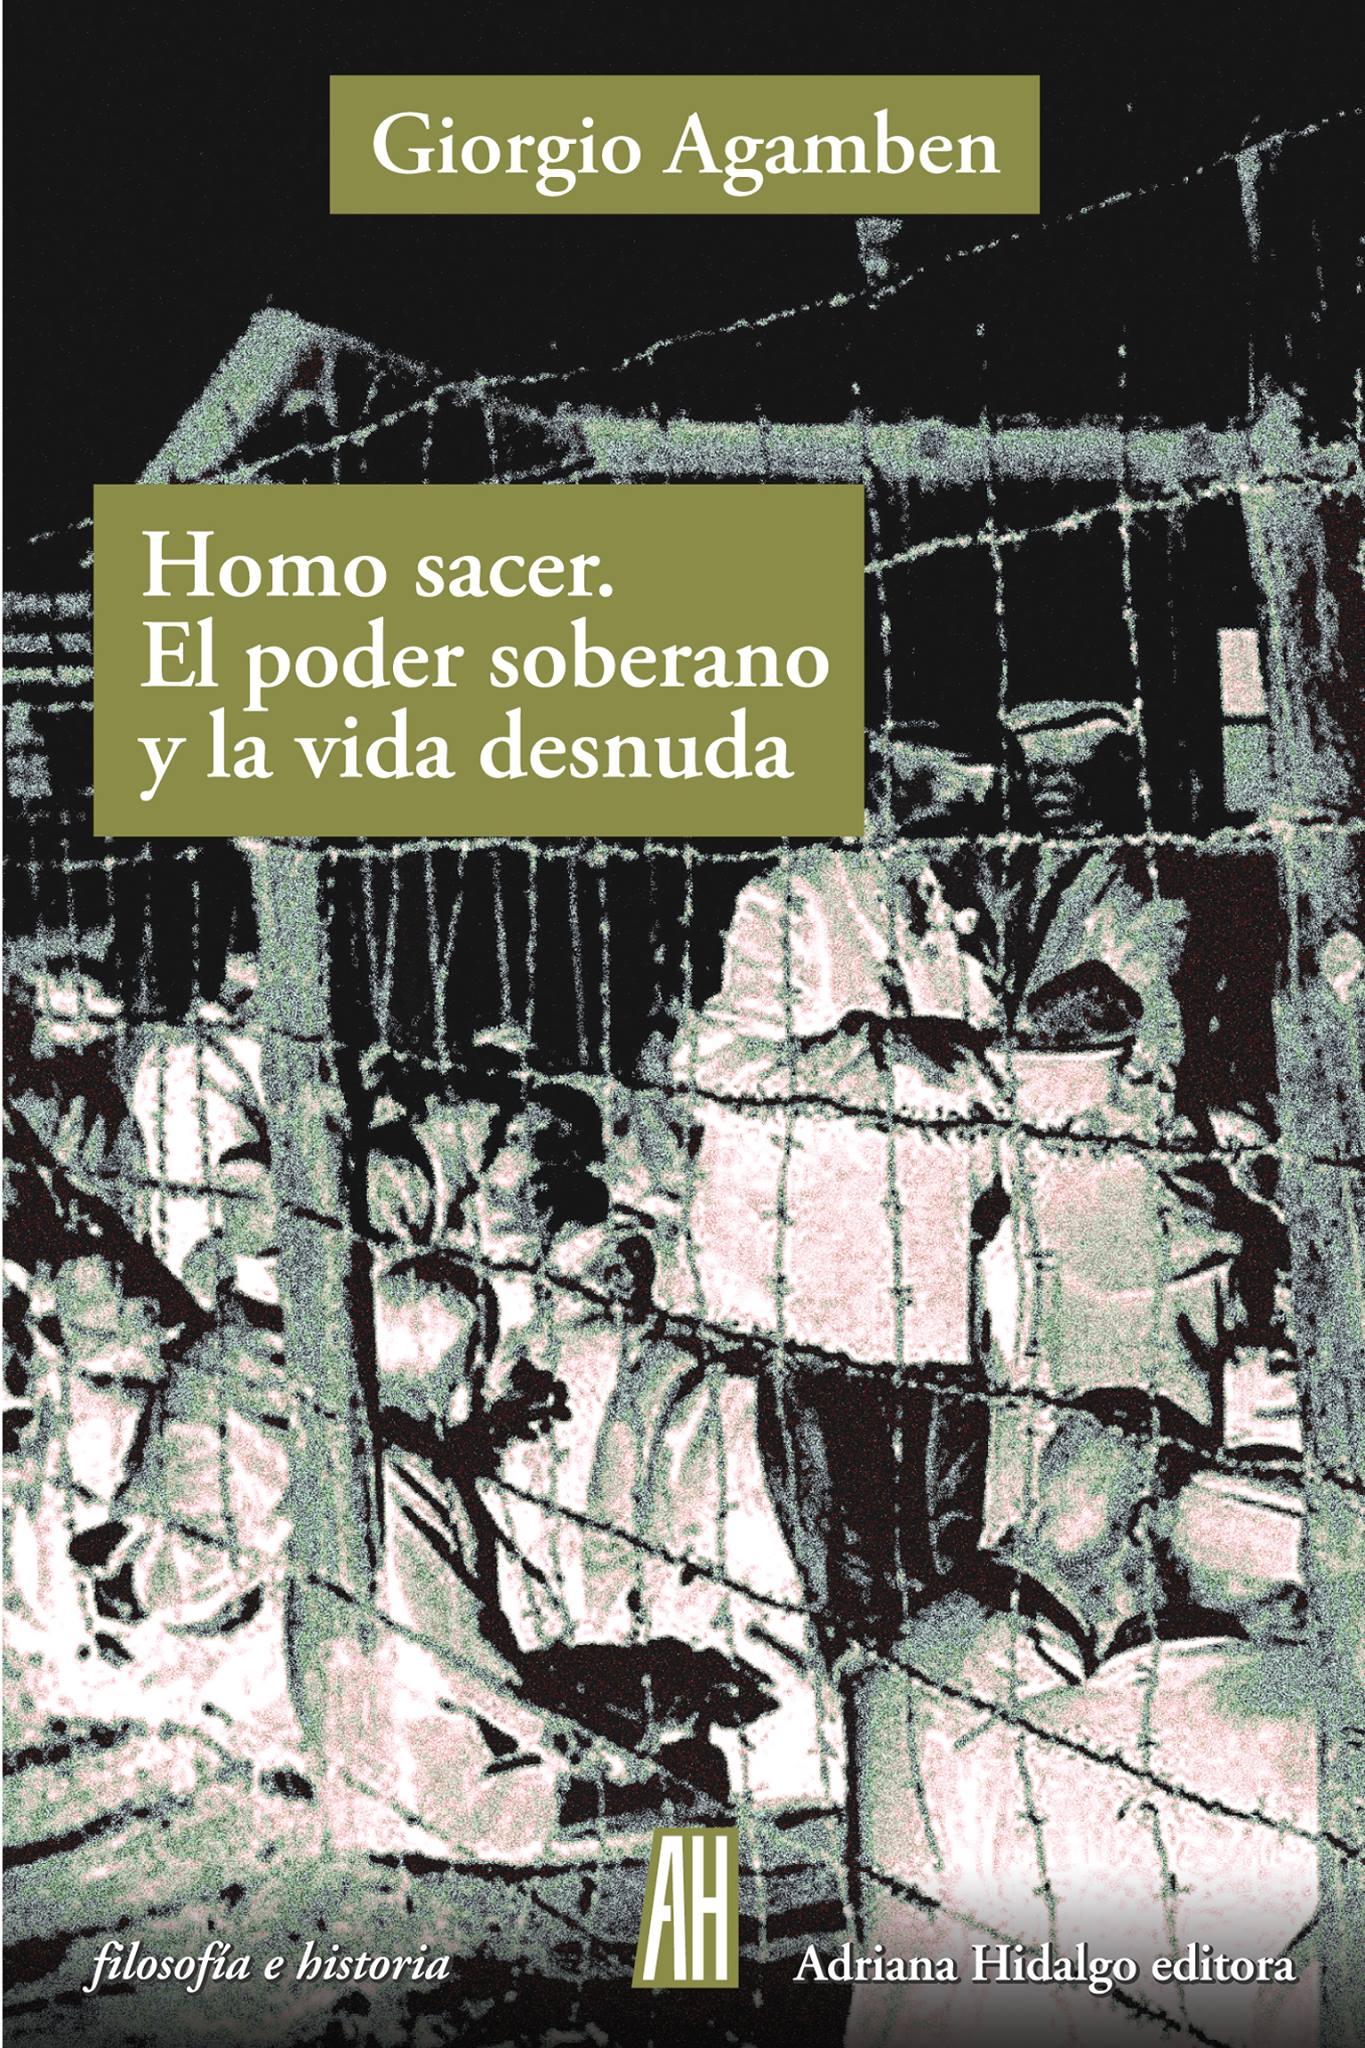 Homo sacer. El poder soberano y la vida desnuda - Giorgio Agamben pdf